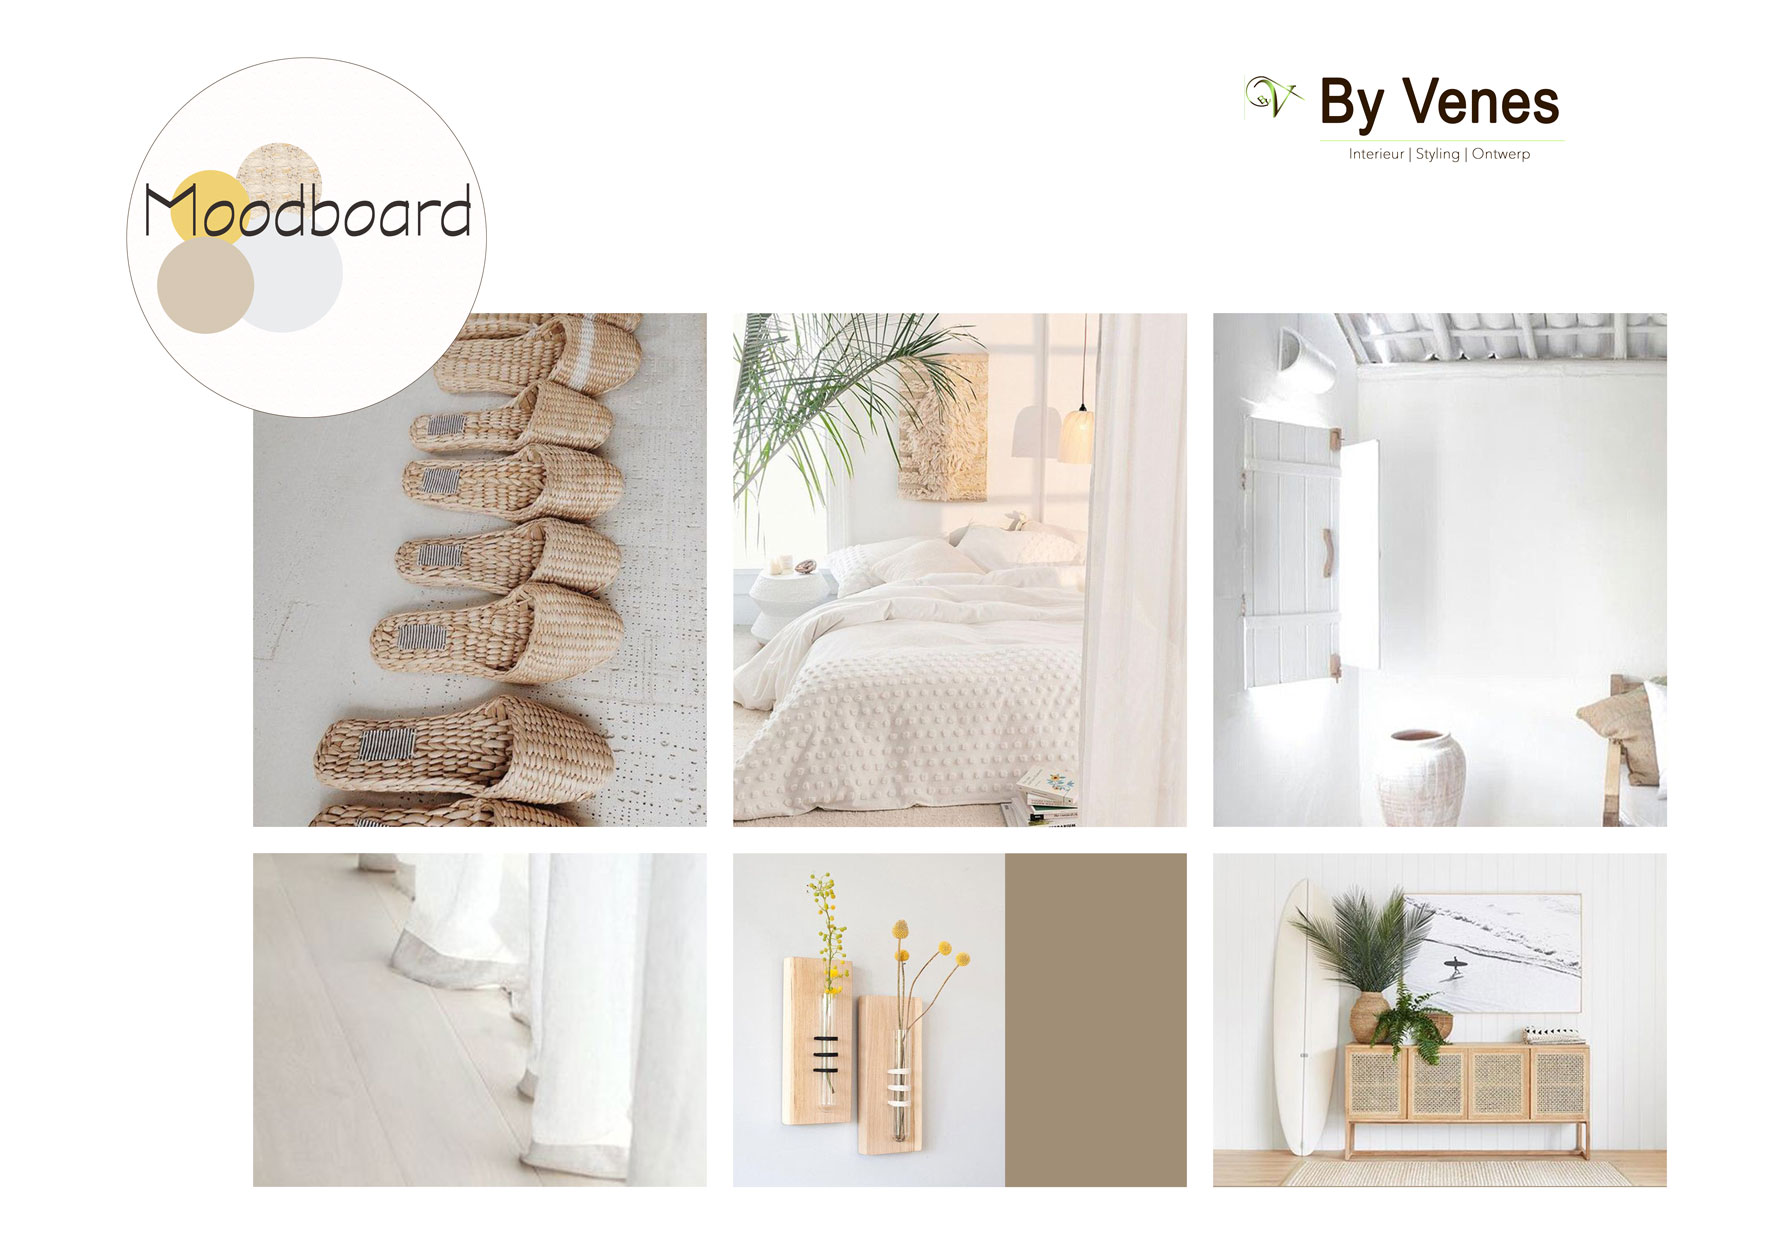 Moodboard-By-Venes